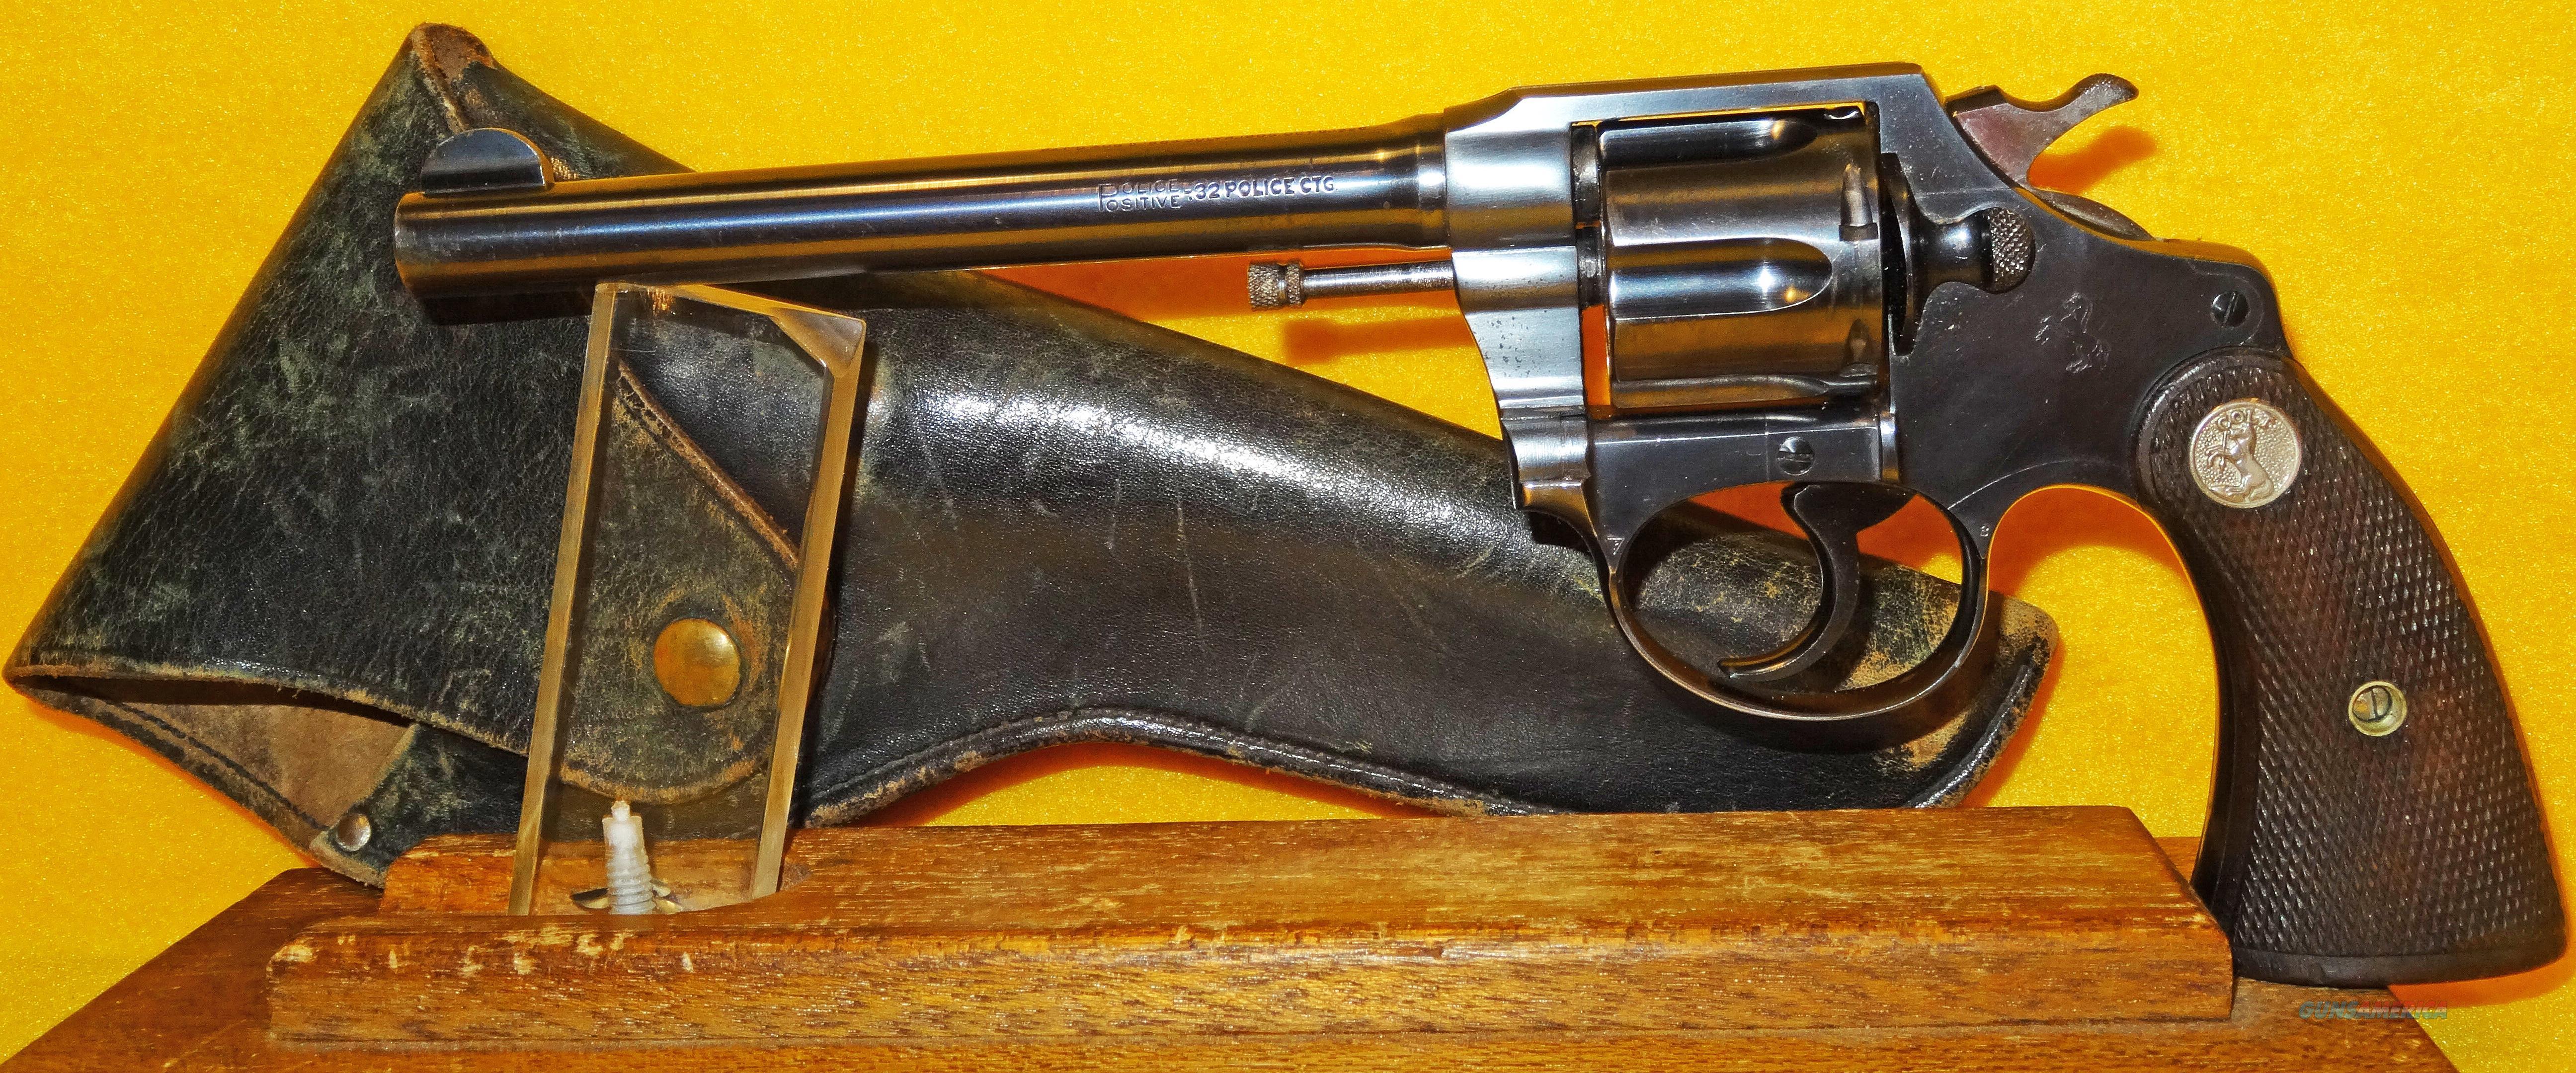 COLT POLICE POSITIVE  Guns > Pistols > Colt Double Action Revolvers- Pre-1945